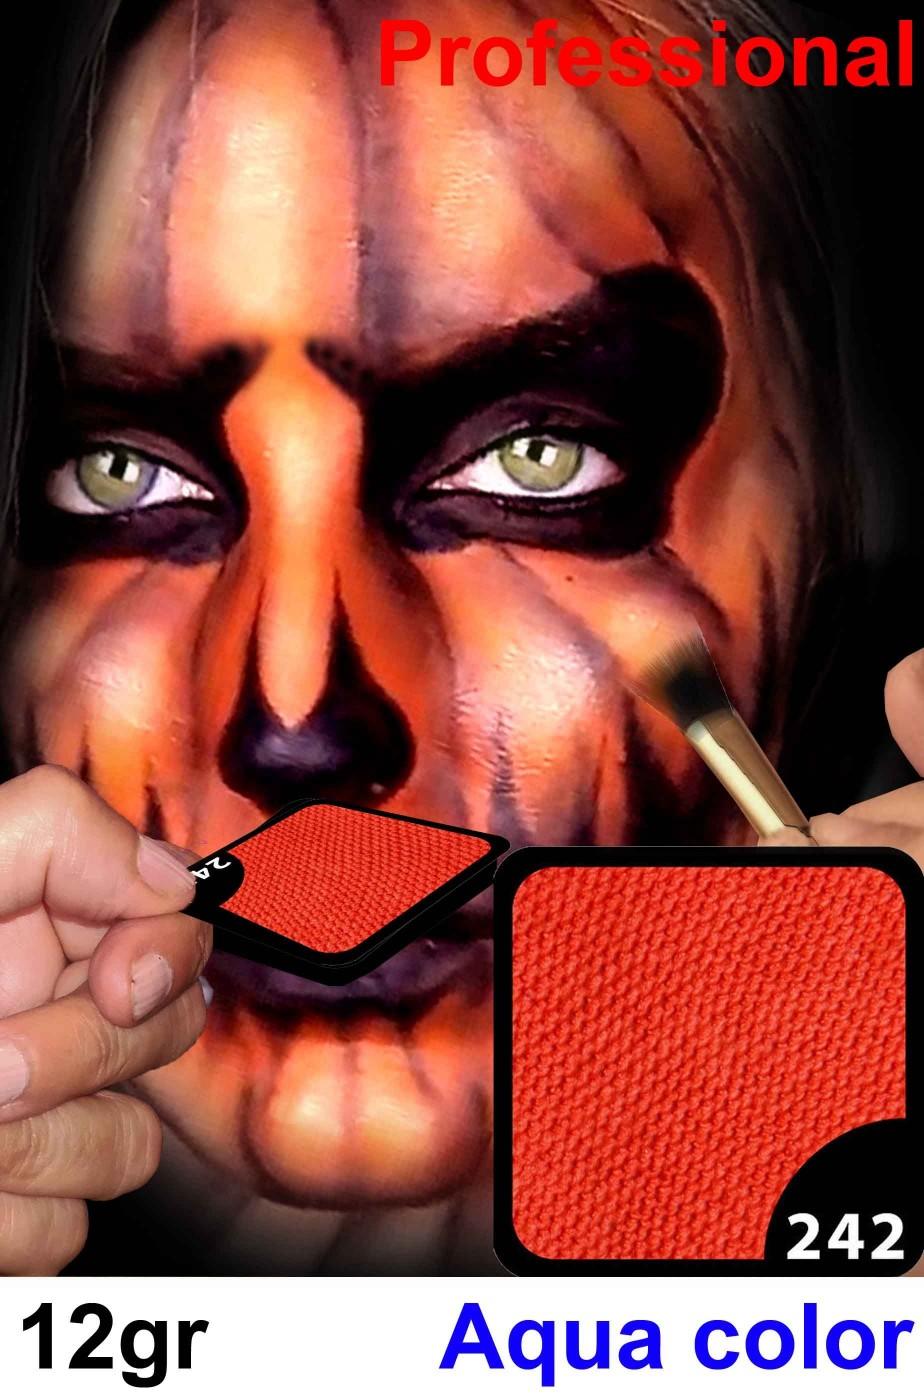 Trucco da viso e corpo arancione zenzero professionale